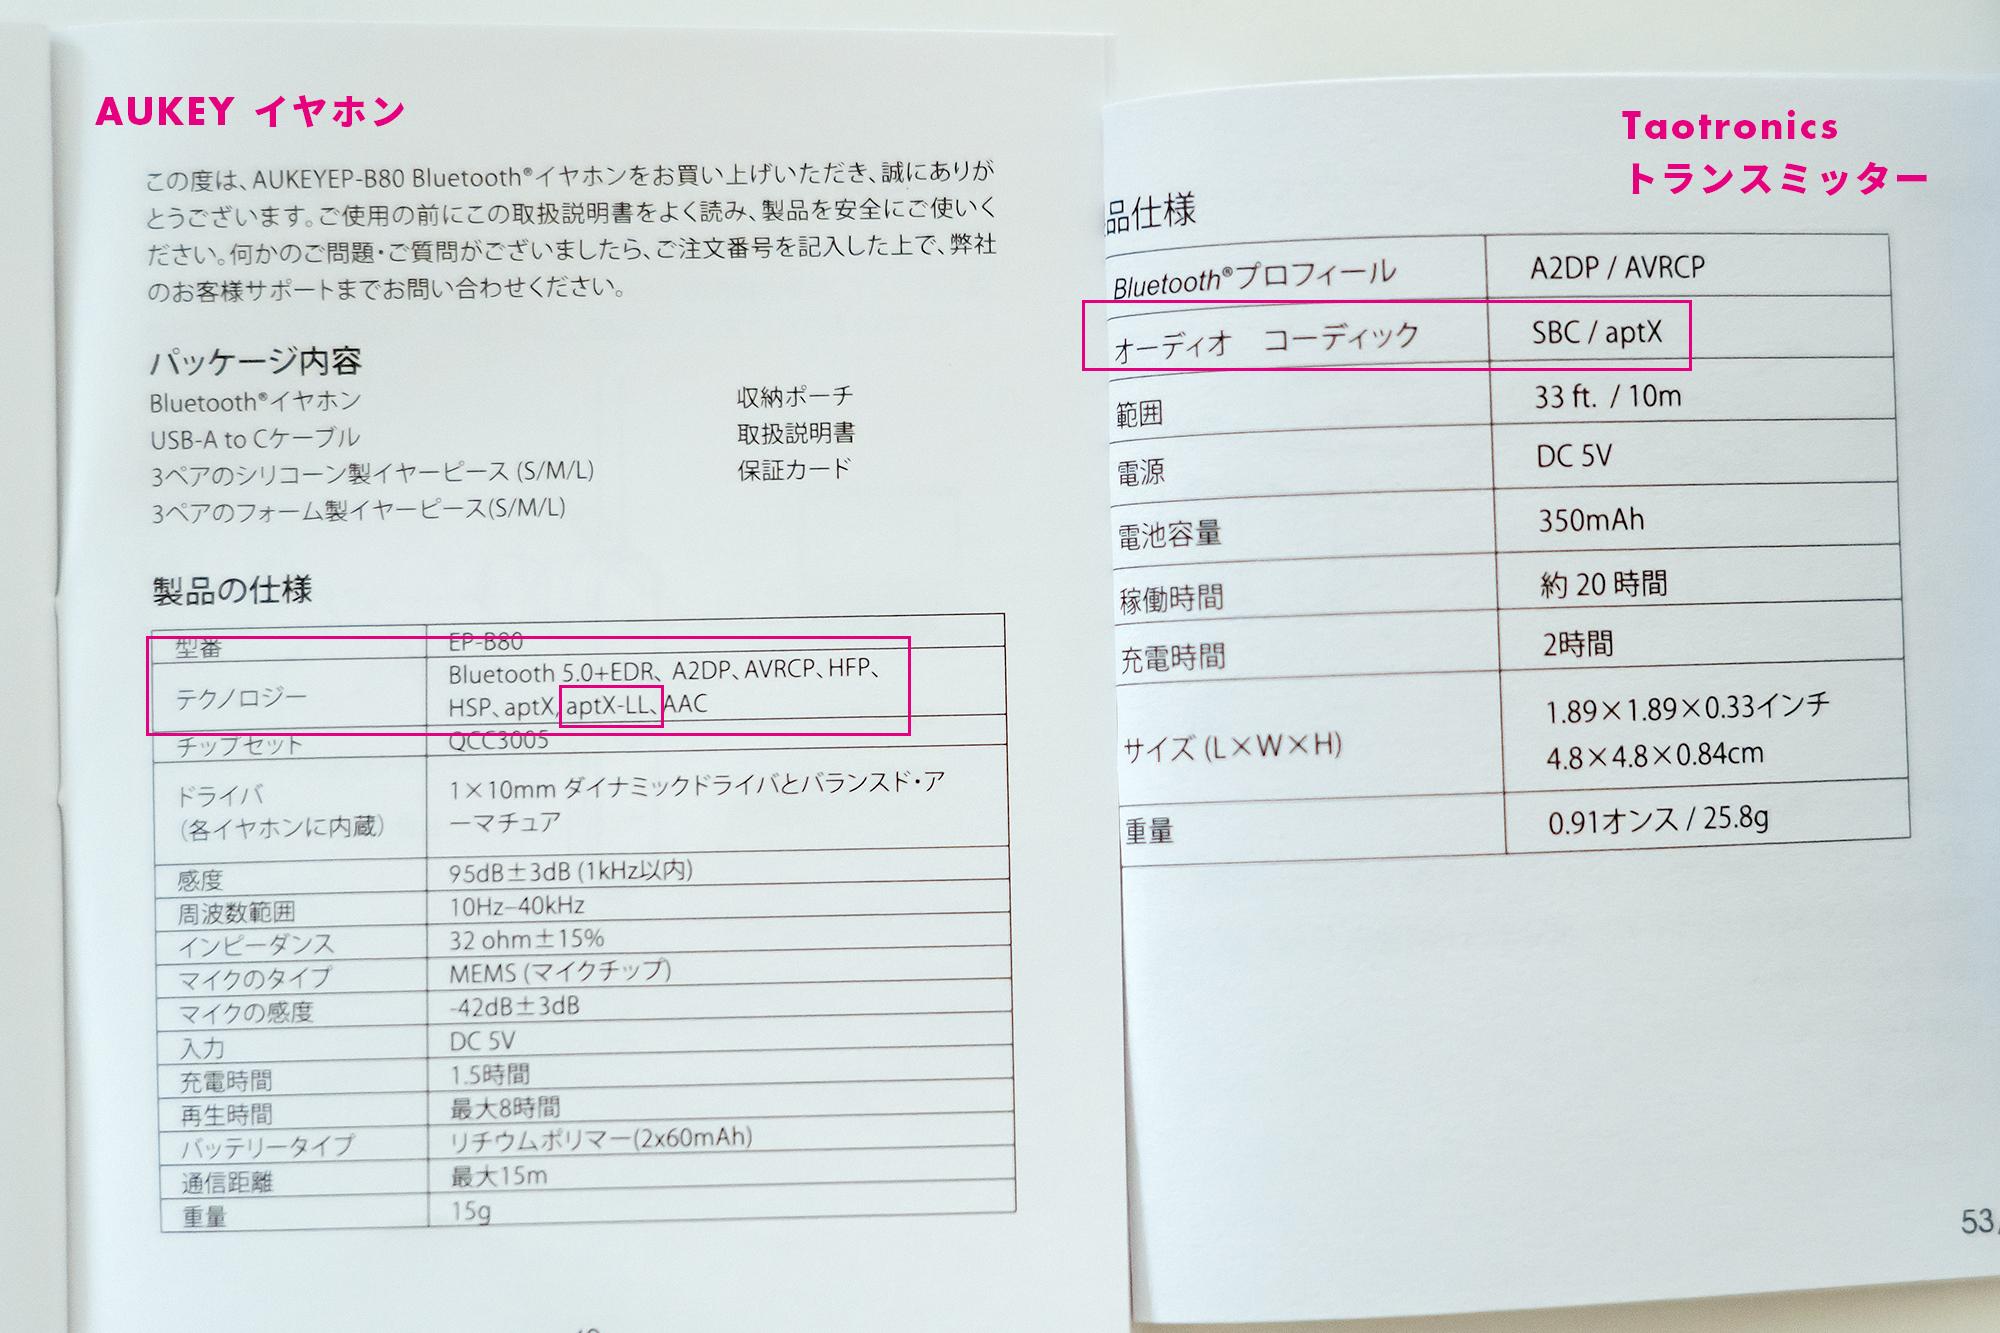 AUKEYワイヤレスイヤホン・TaoTronics Bluetooth トランスミッター 説明書 aptx-LLの記載